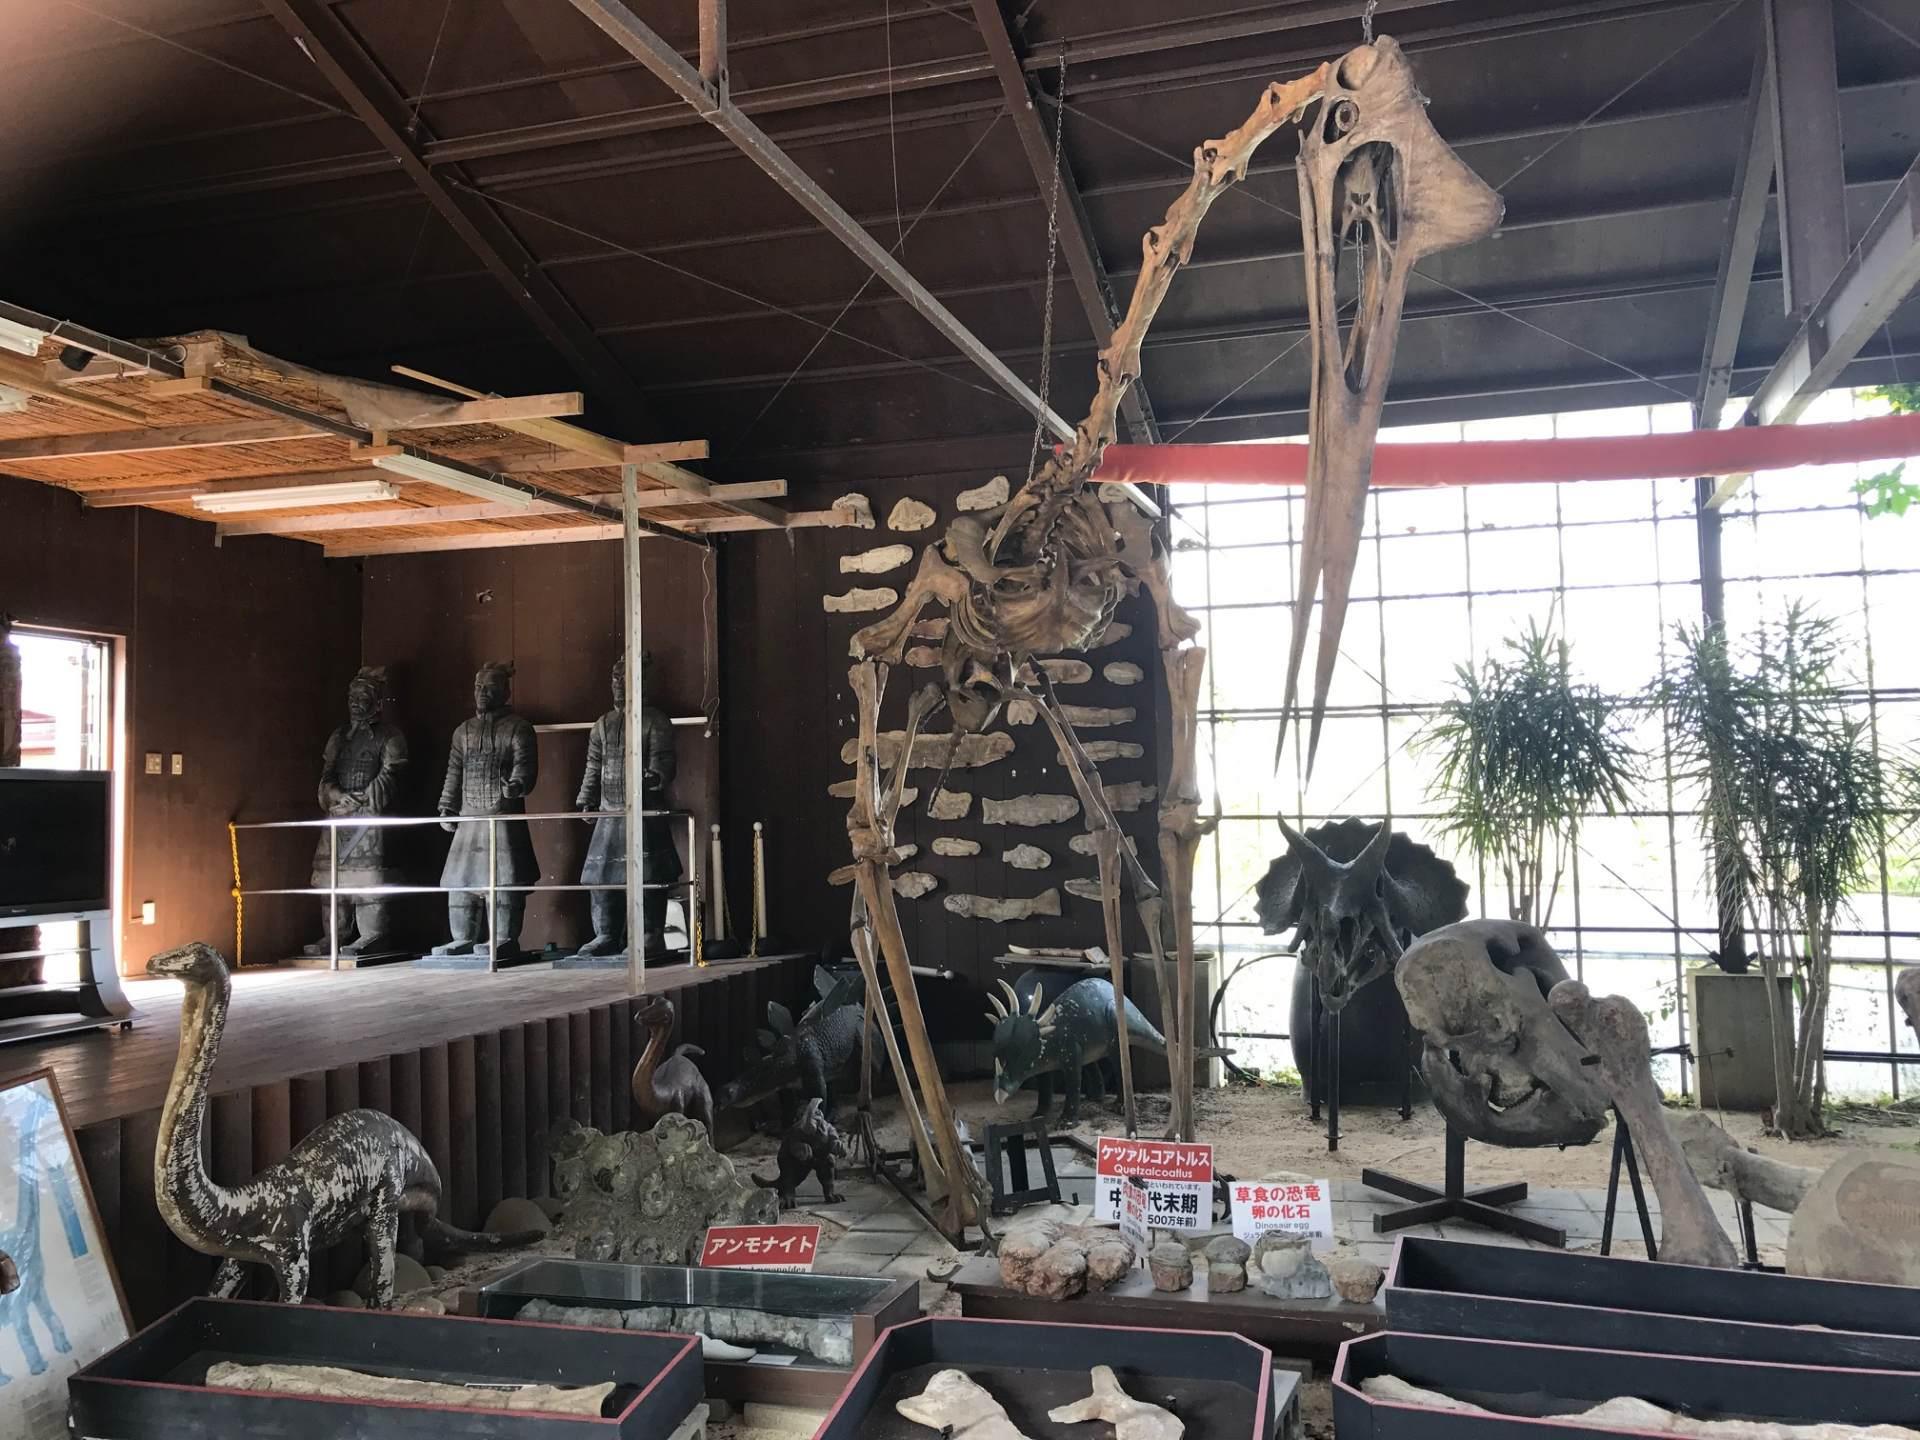 设施内的化石资料馆